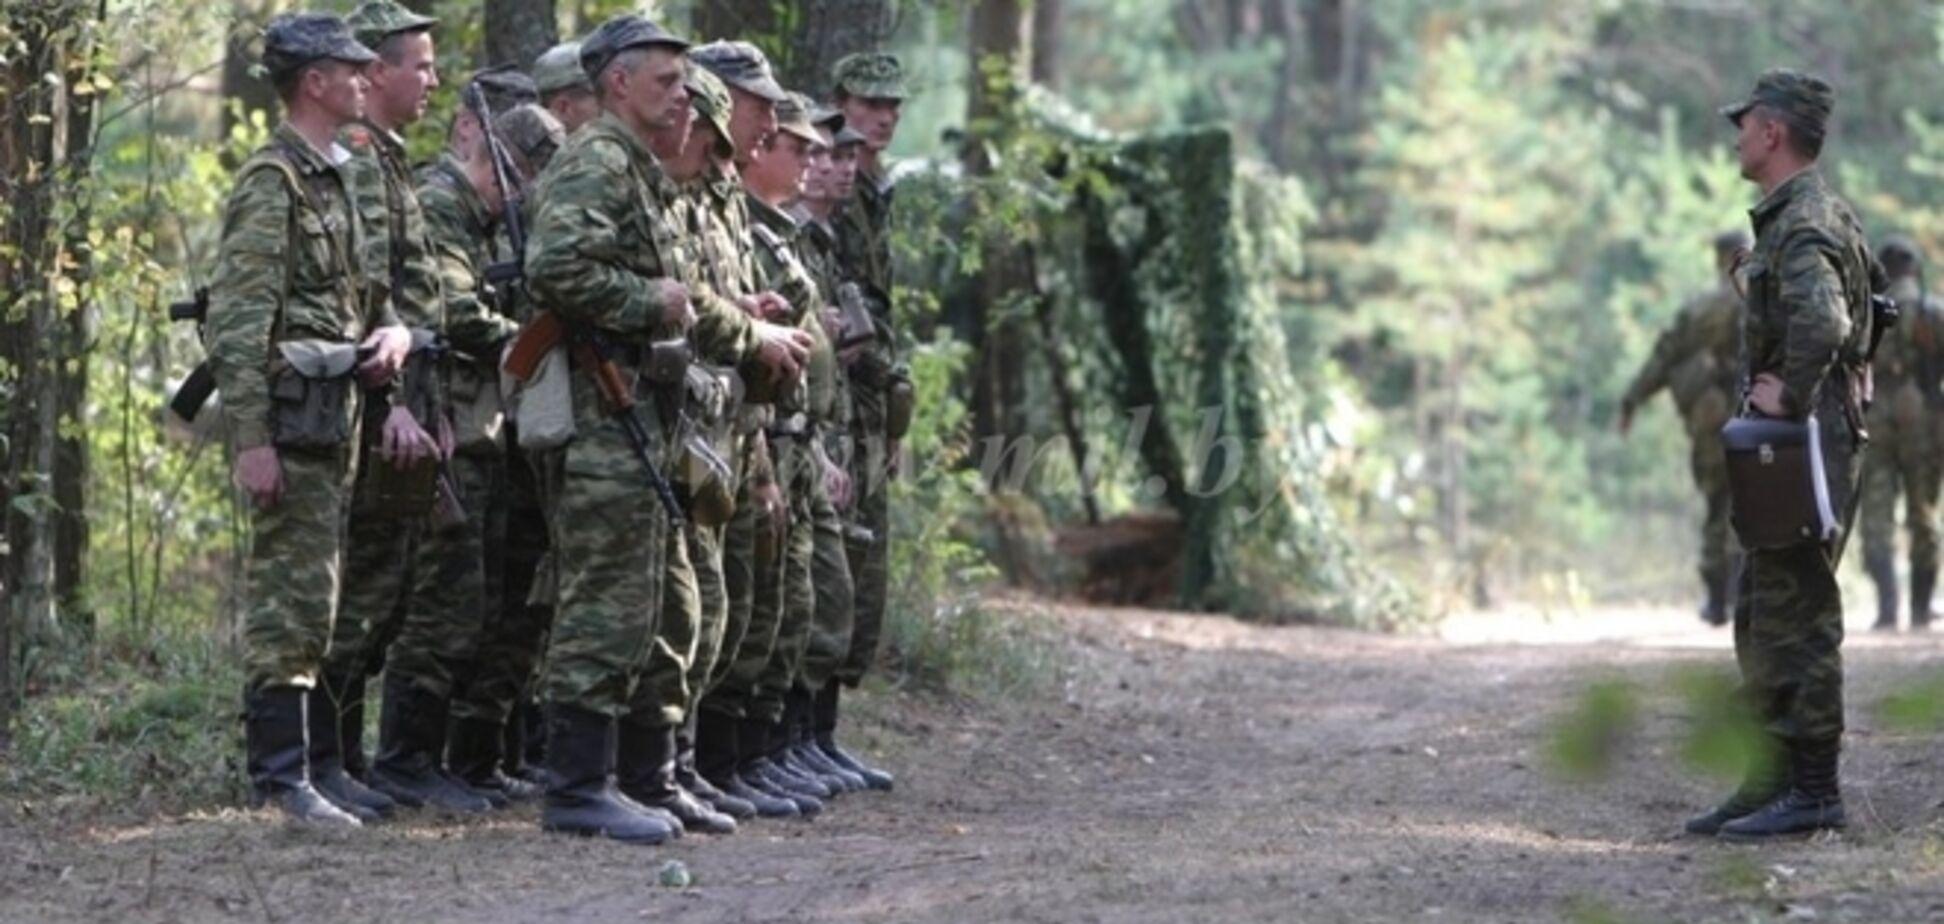 Випускників військових вузів відправлять в зону АТО - Коваль